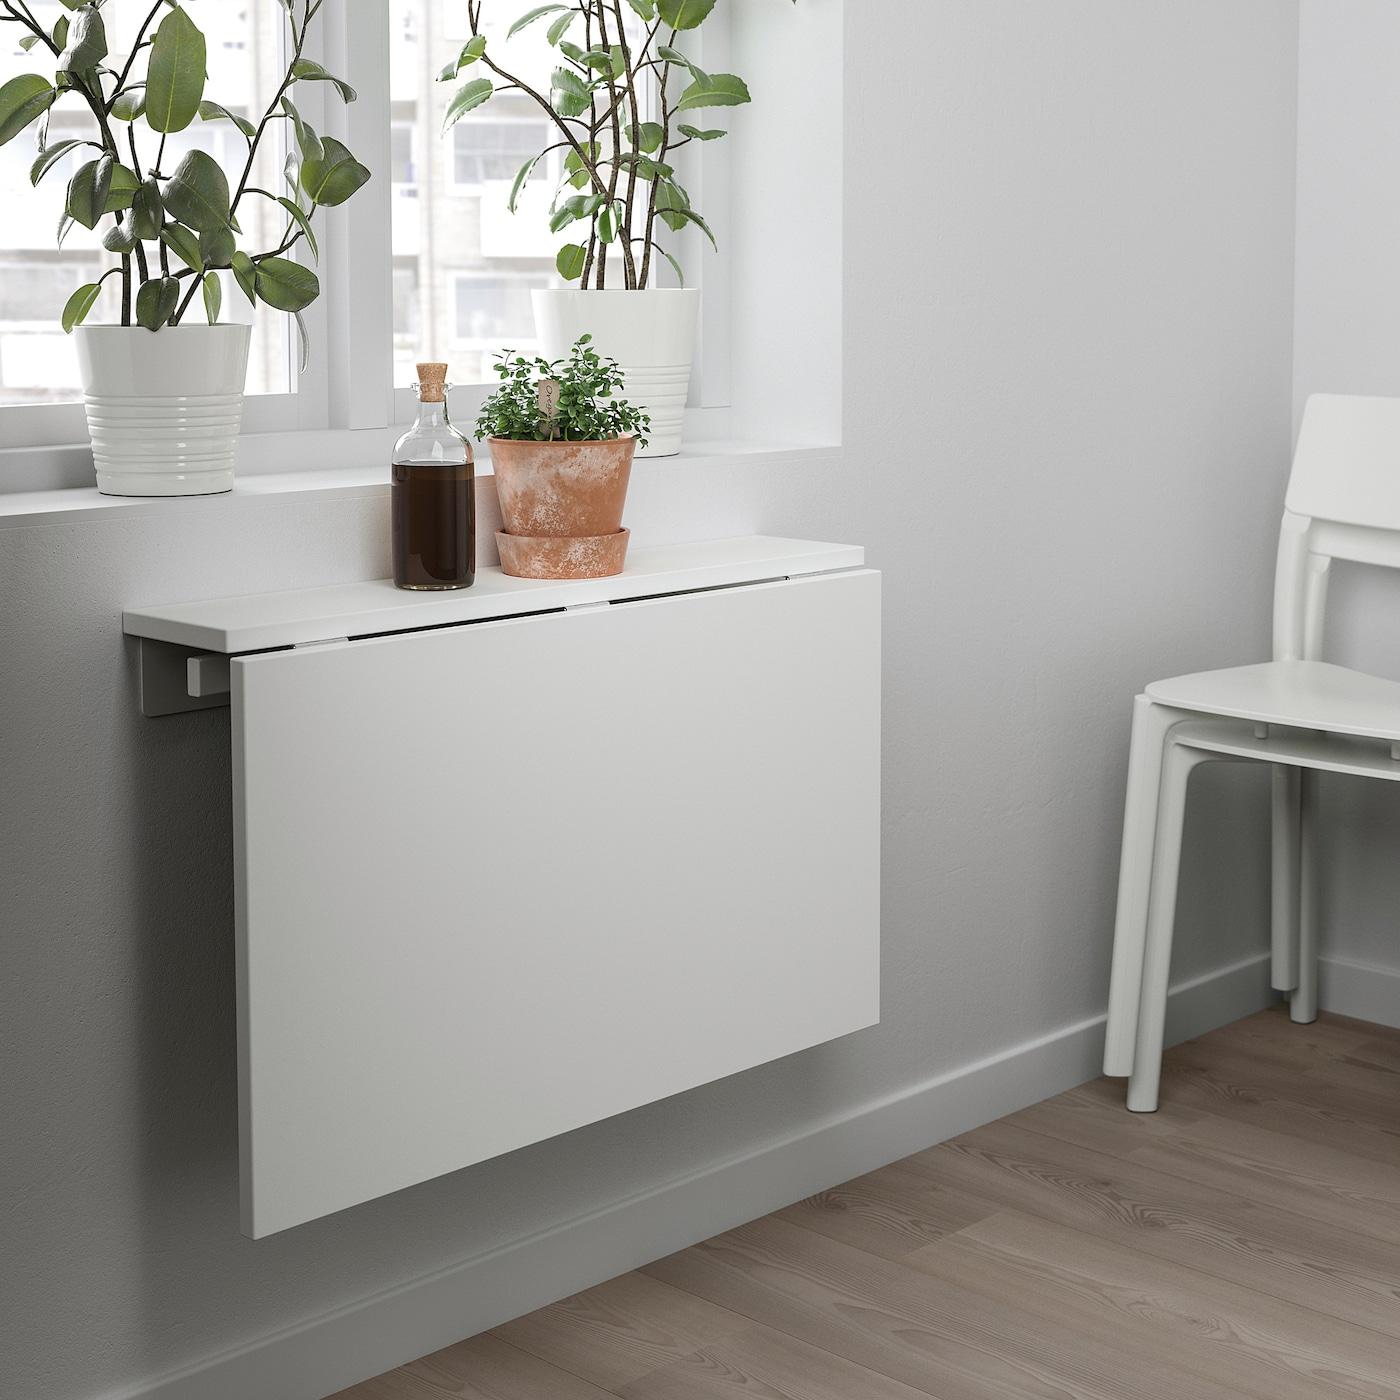 NORBERG Wandklapptisch - weiß 20x20 cm